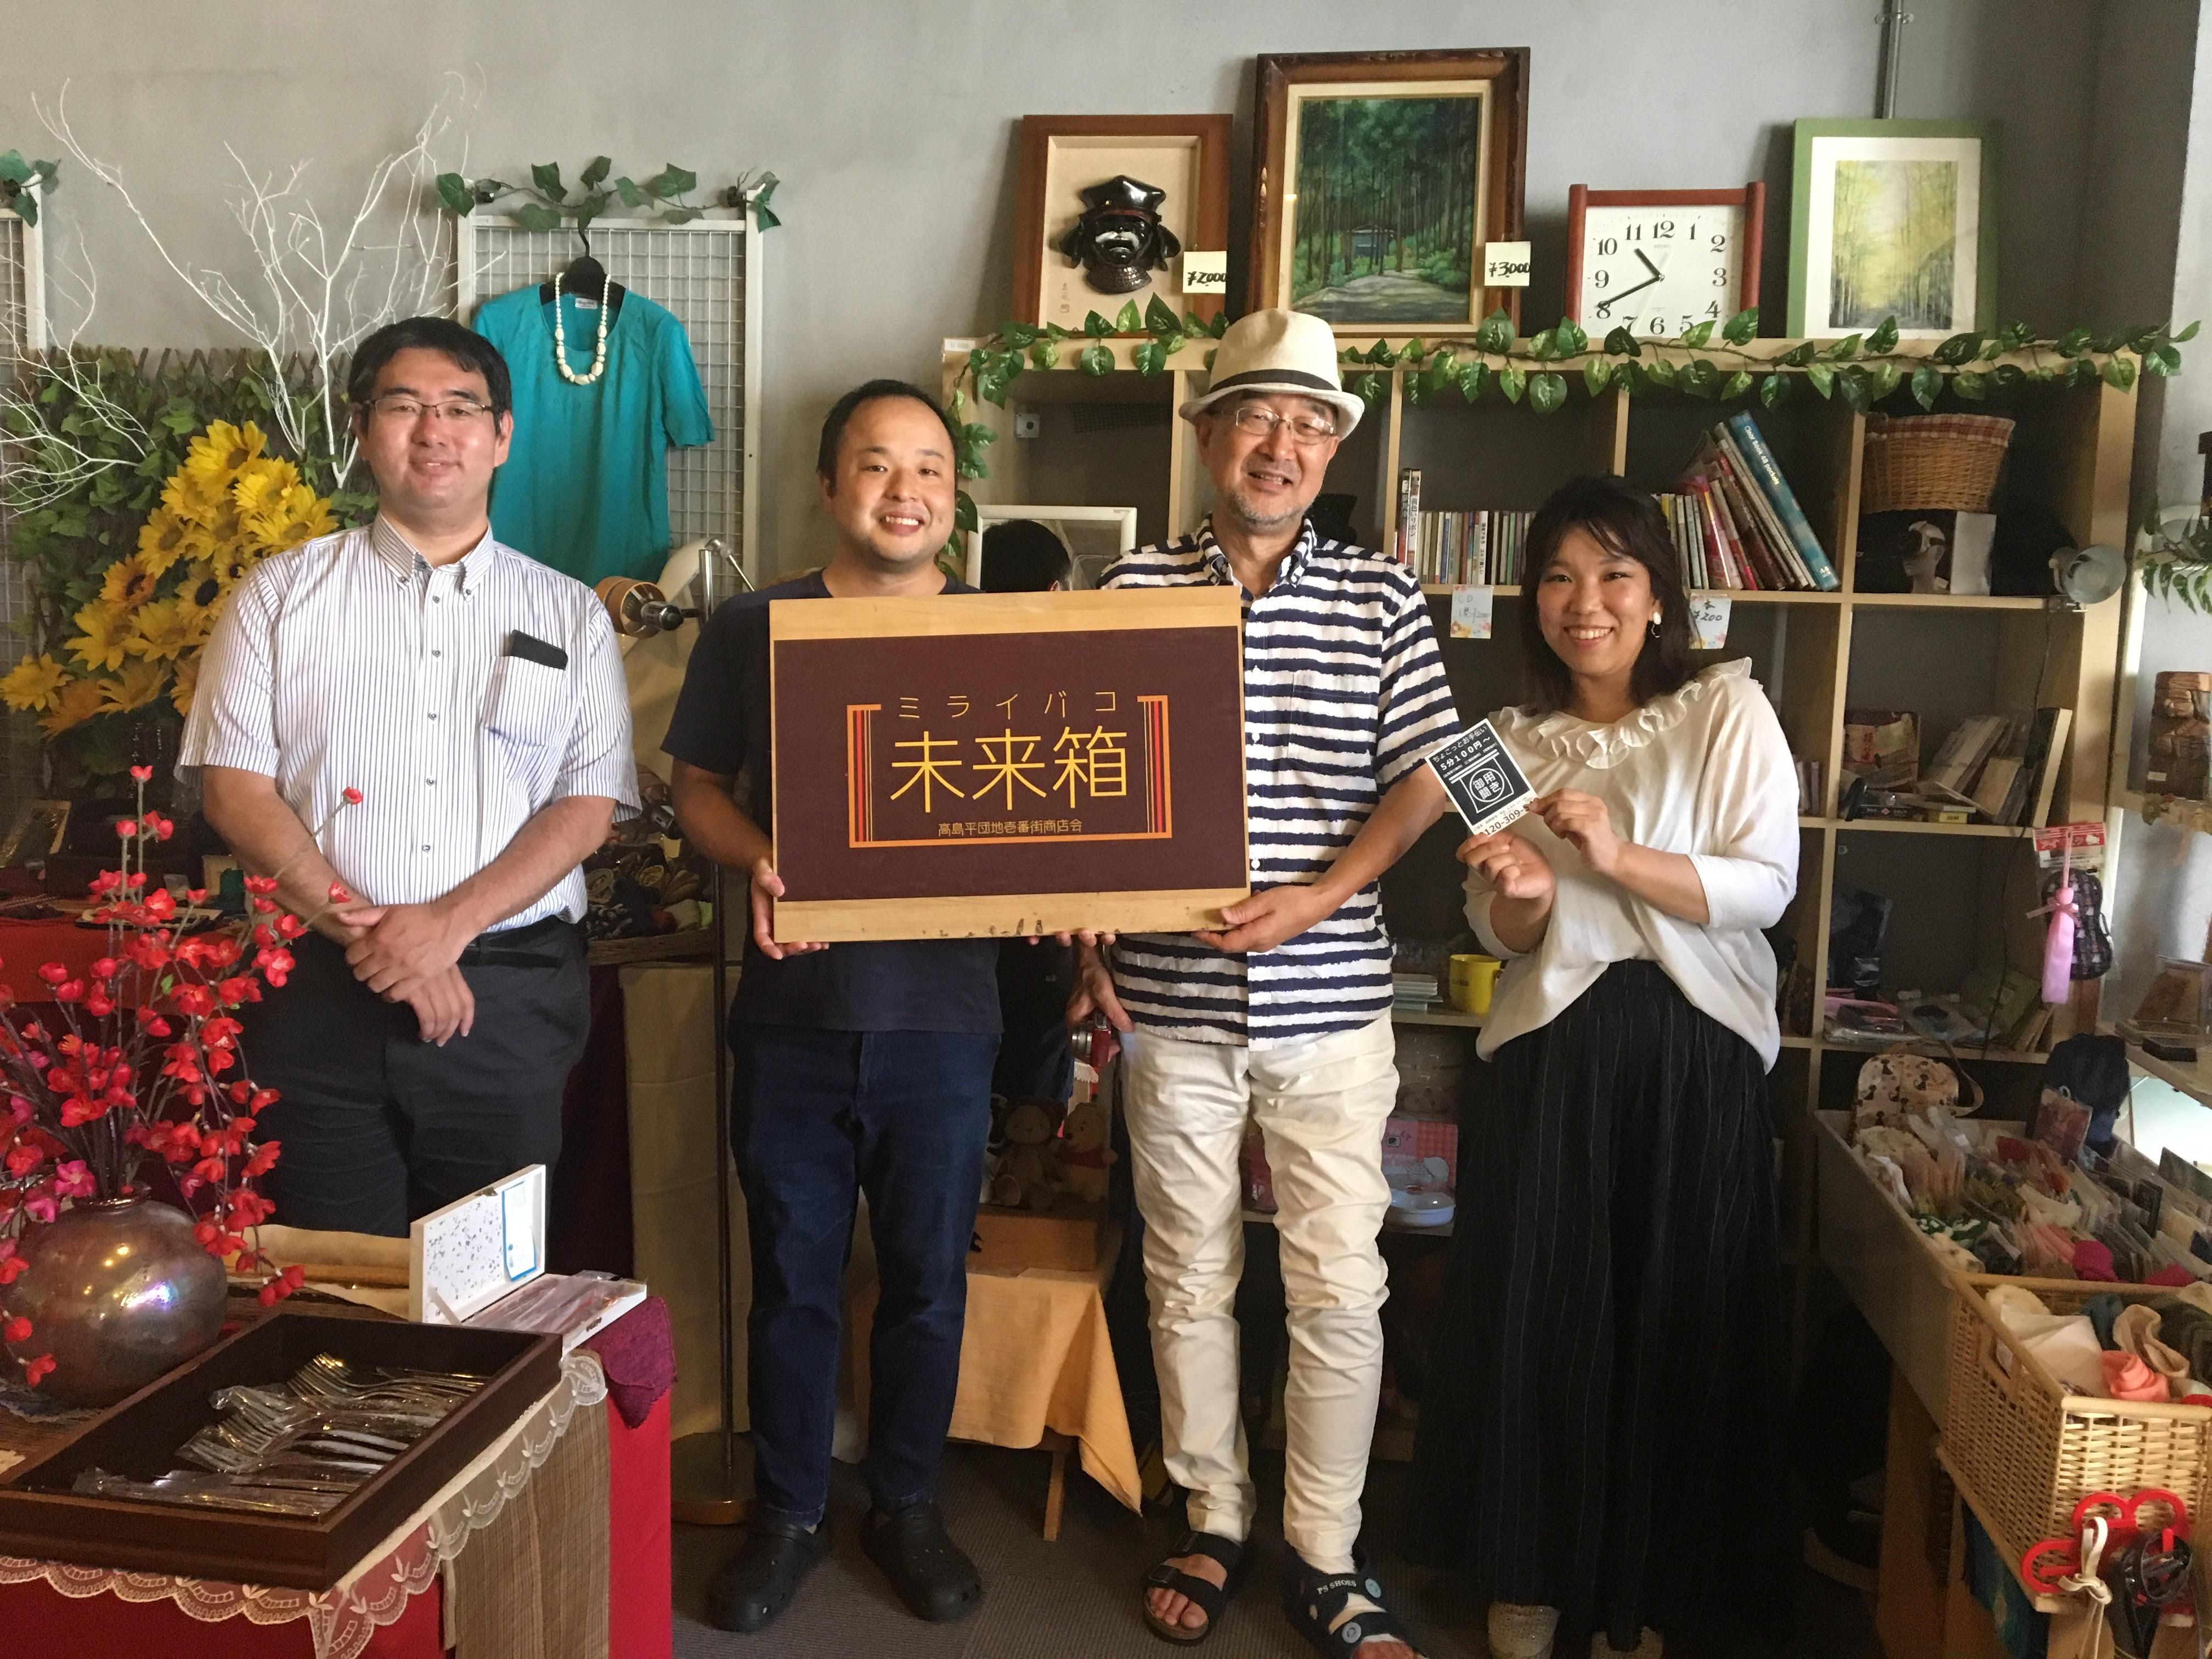 【コミュニティスペースツアー4日目】高島平の「みらい箱」さんからスタート♪